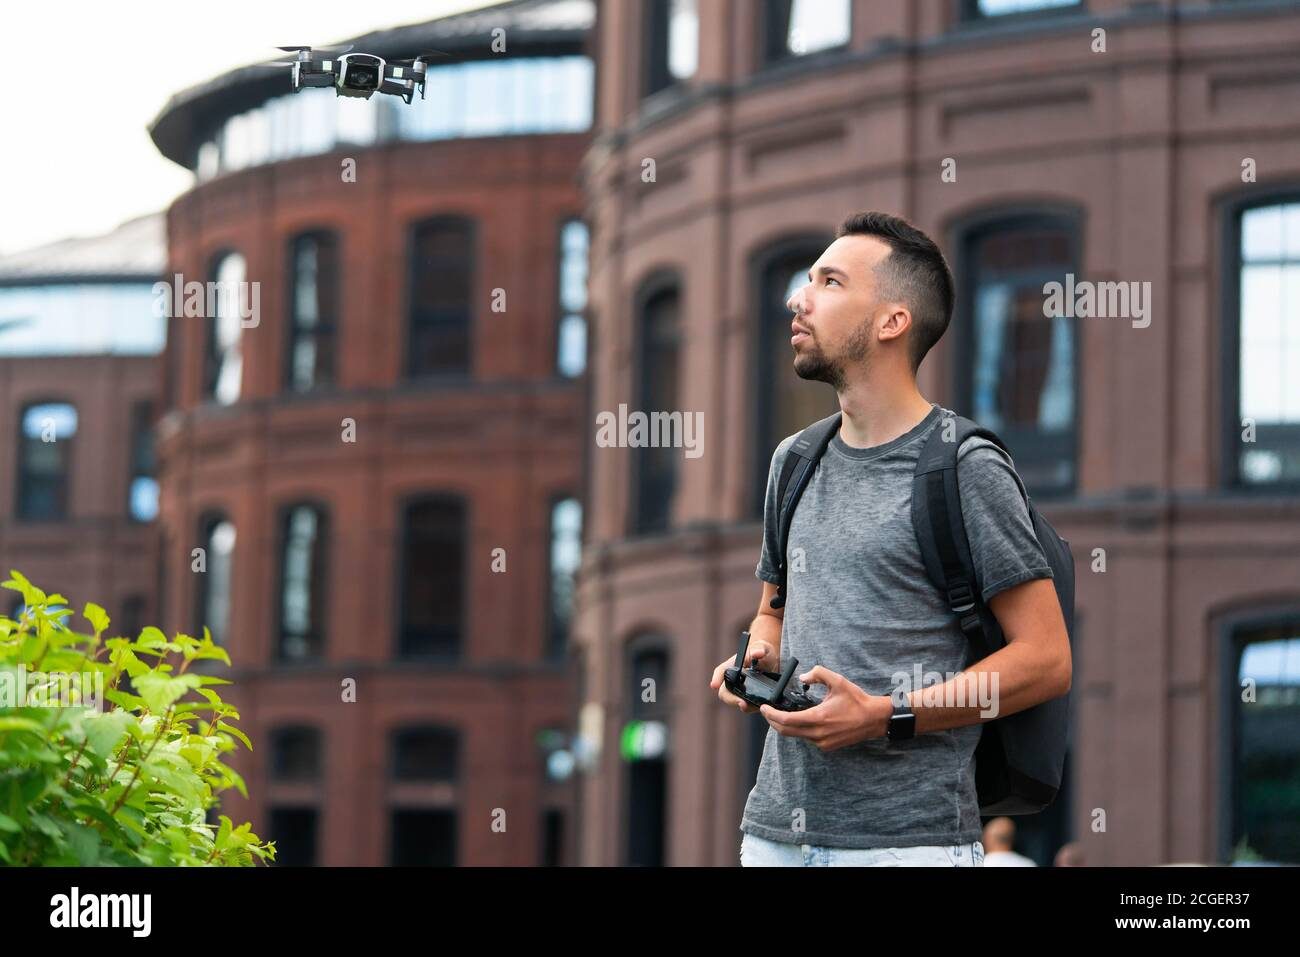 Jeune homme beau qui lance Drone Quadcopter et le regarde. Urbain Stlilysh Paysage urbain contemporain. Appareil moderne Banque D'Images